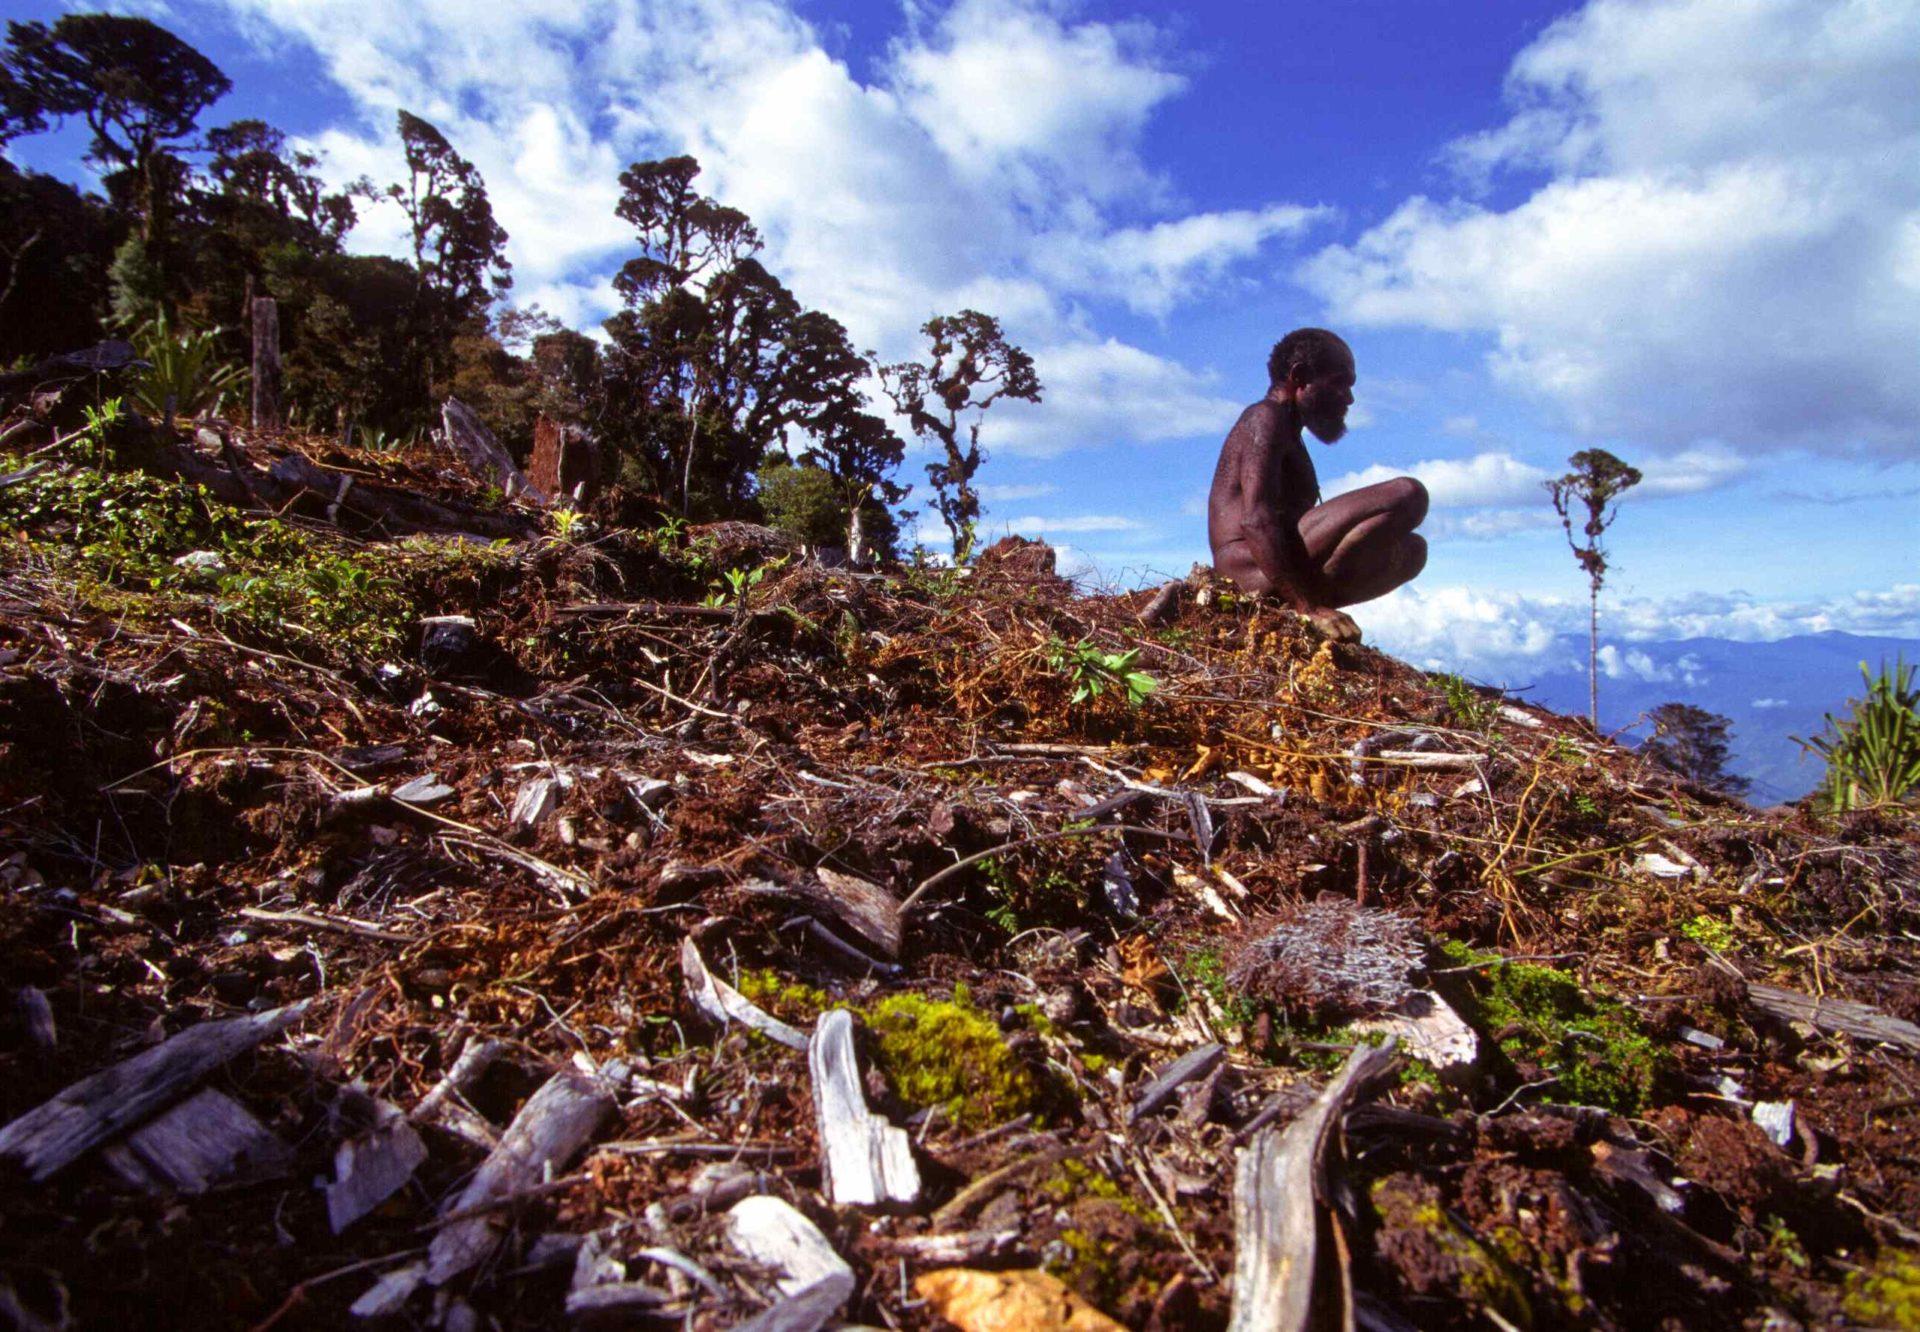 Dani, vallée de la Baliem, Papouasie Occidentale © ppc